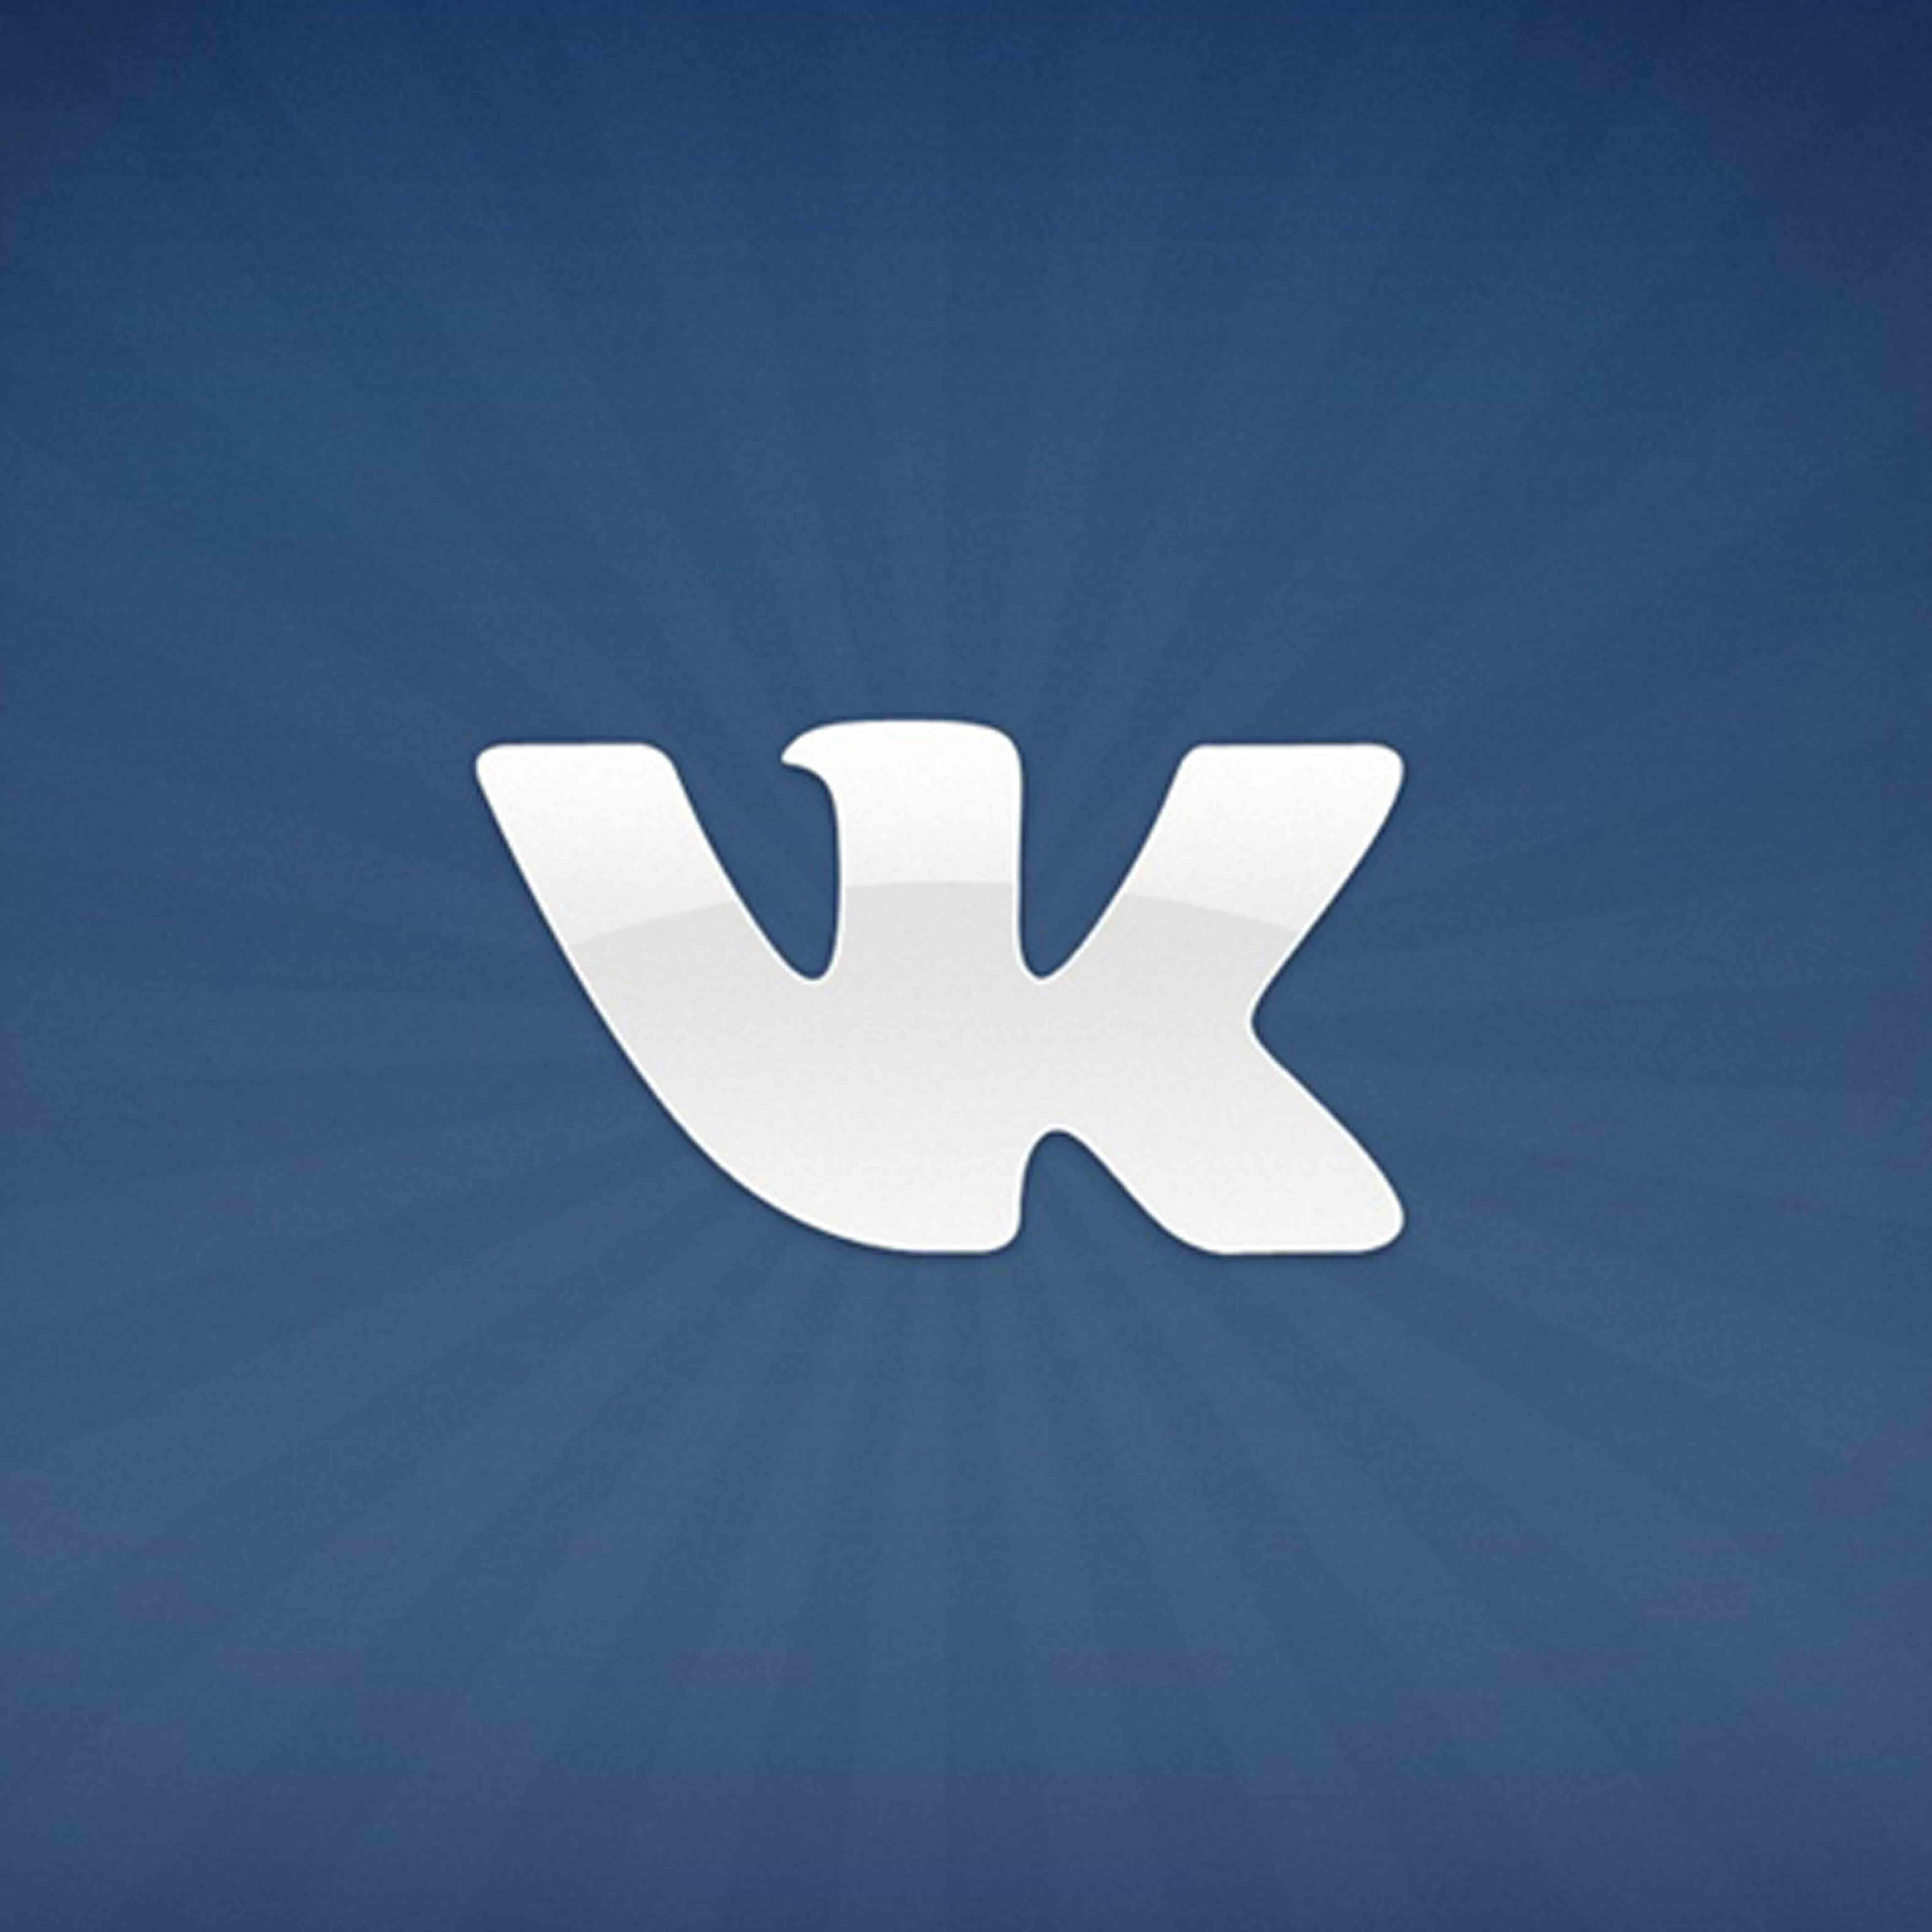 Мы в социальных сетях VK (вконтакте)